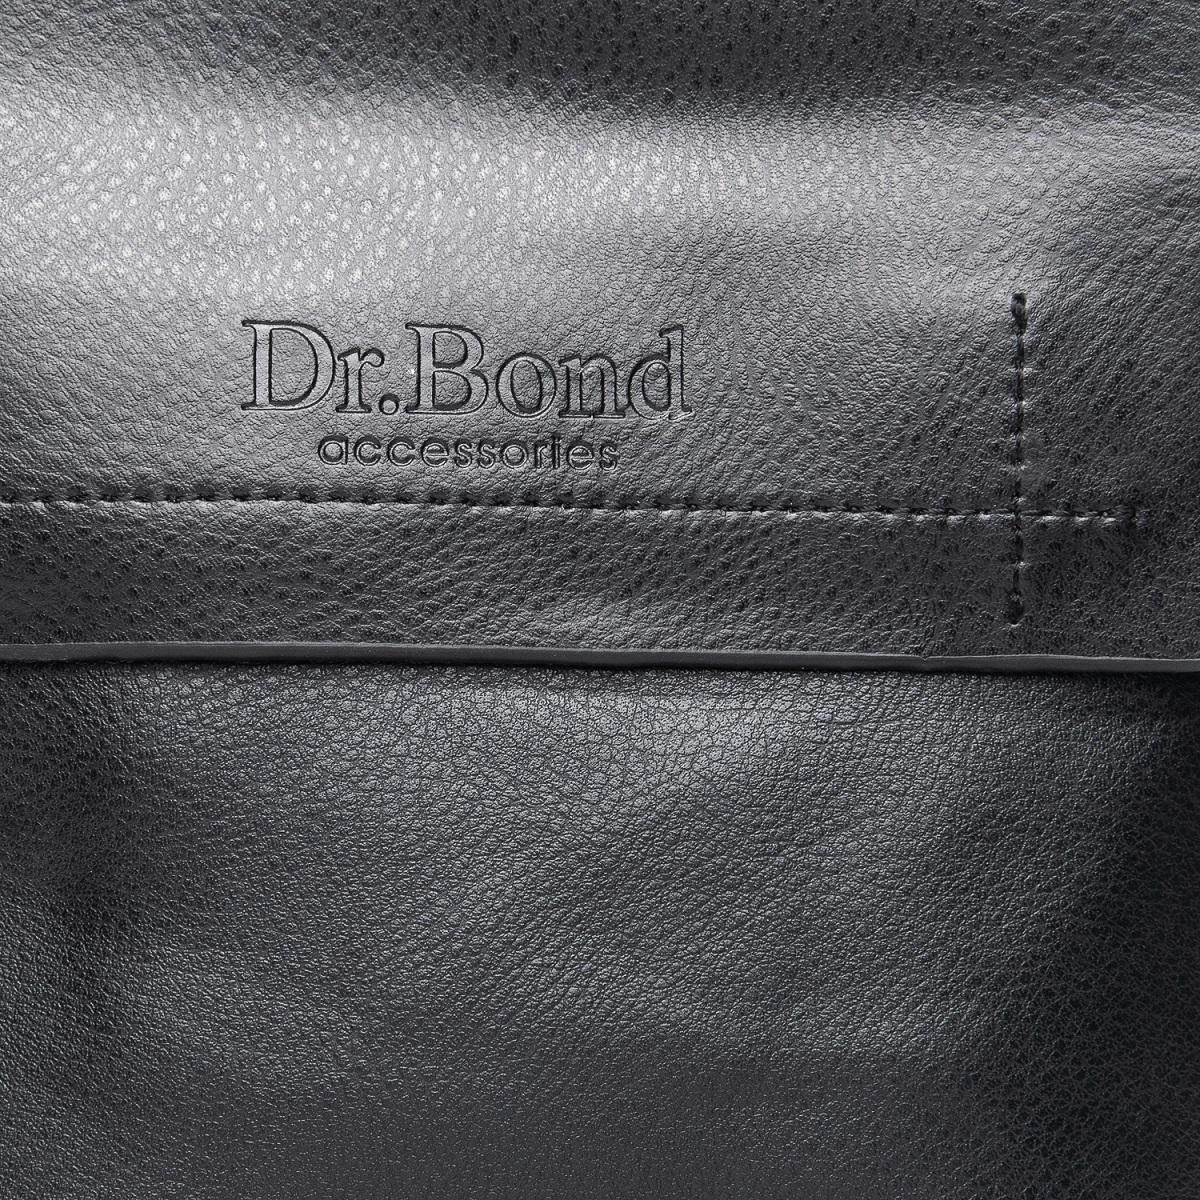 Сумка Мужская Планшет иск-кожа DR. BOND GL 206-1 black - фото 3